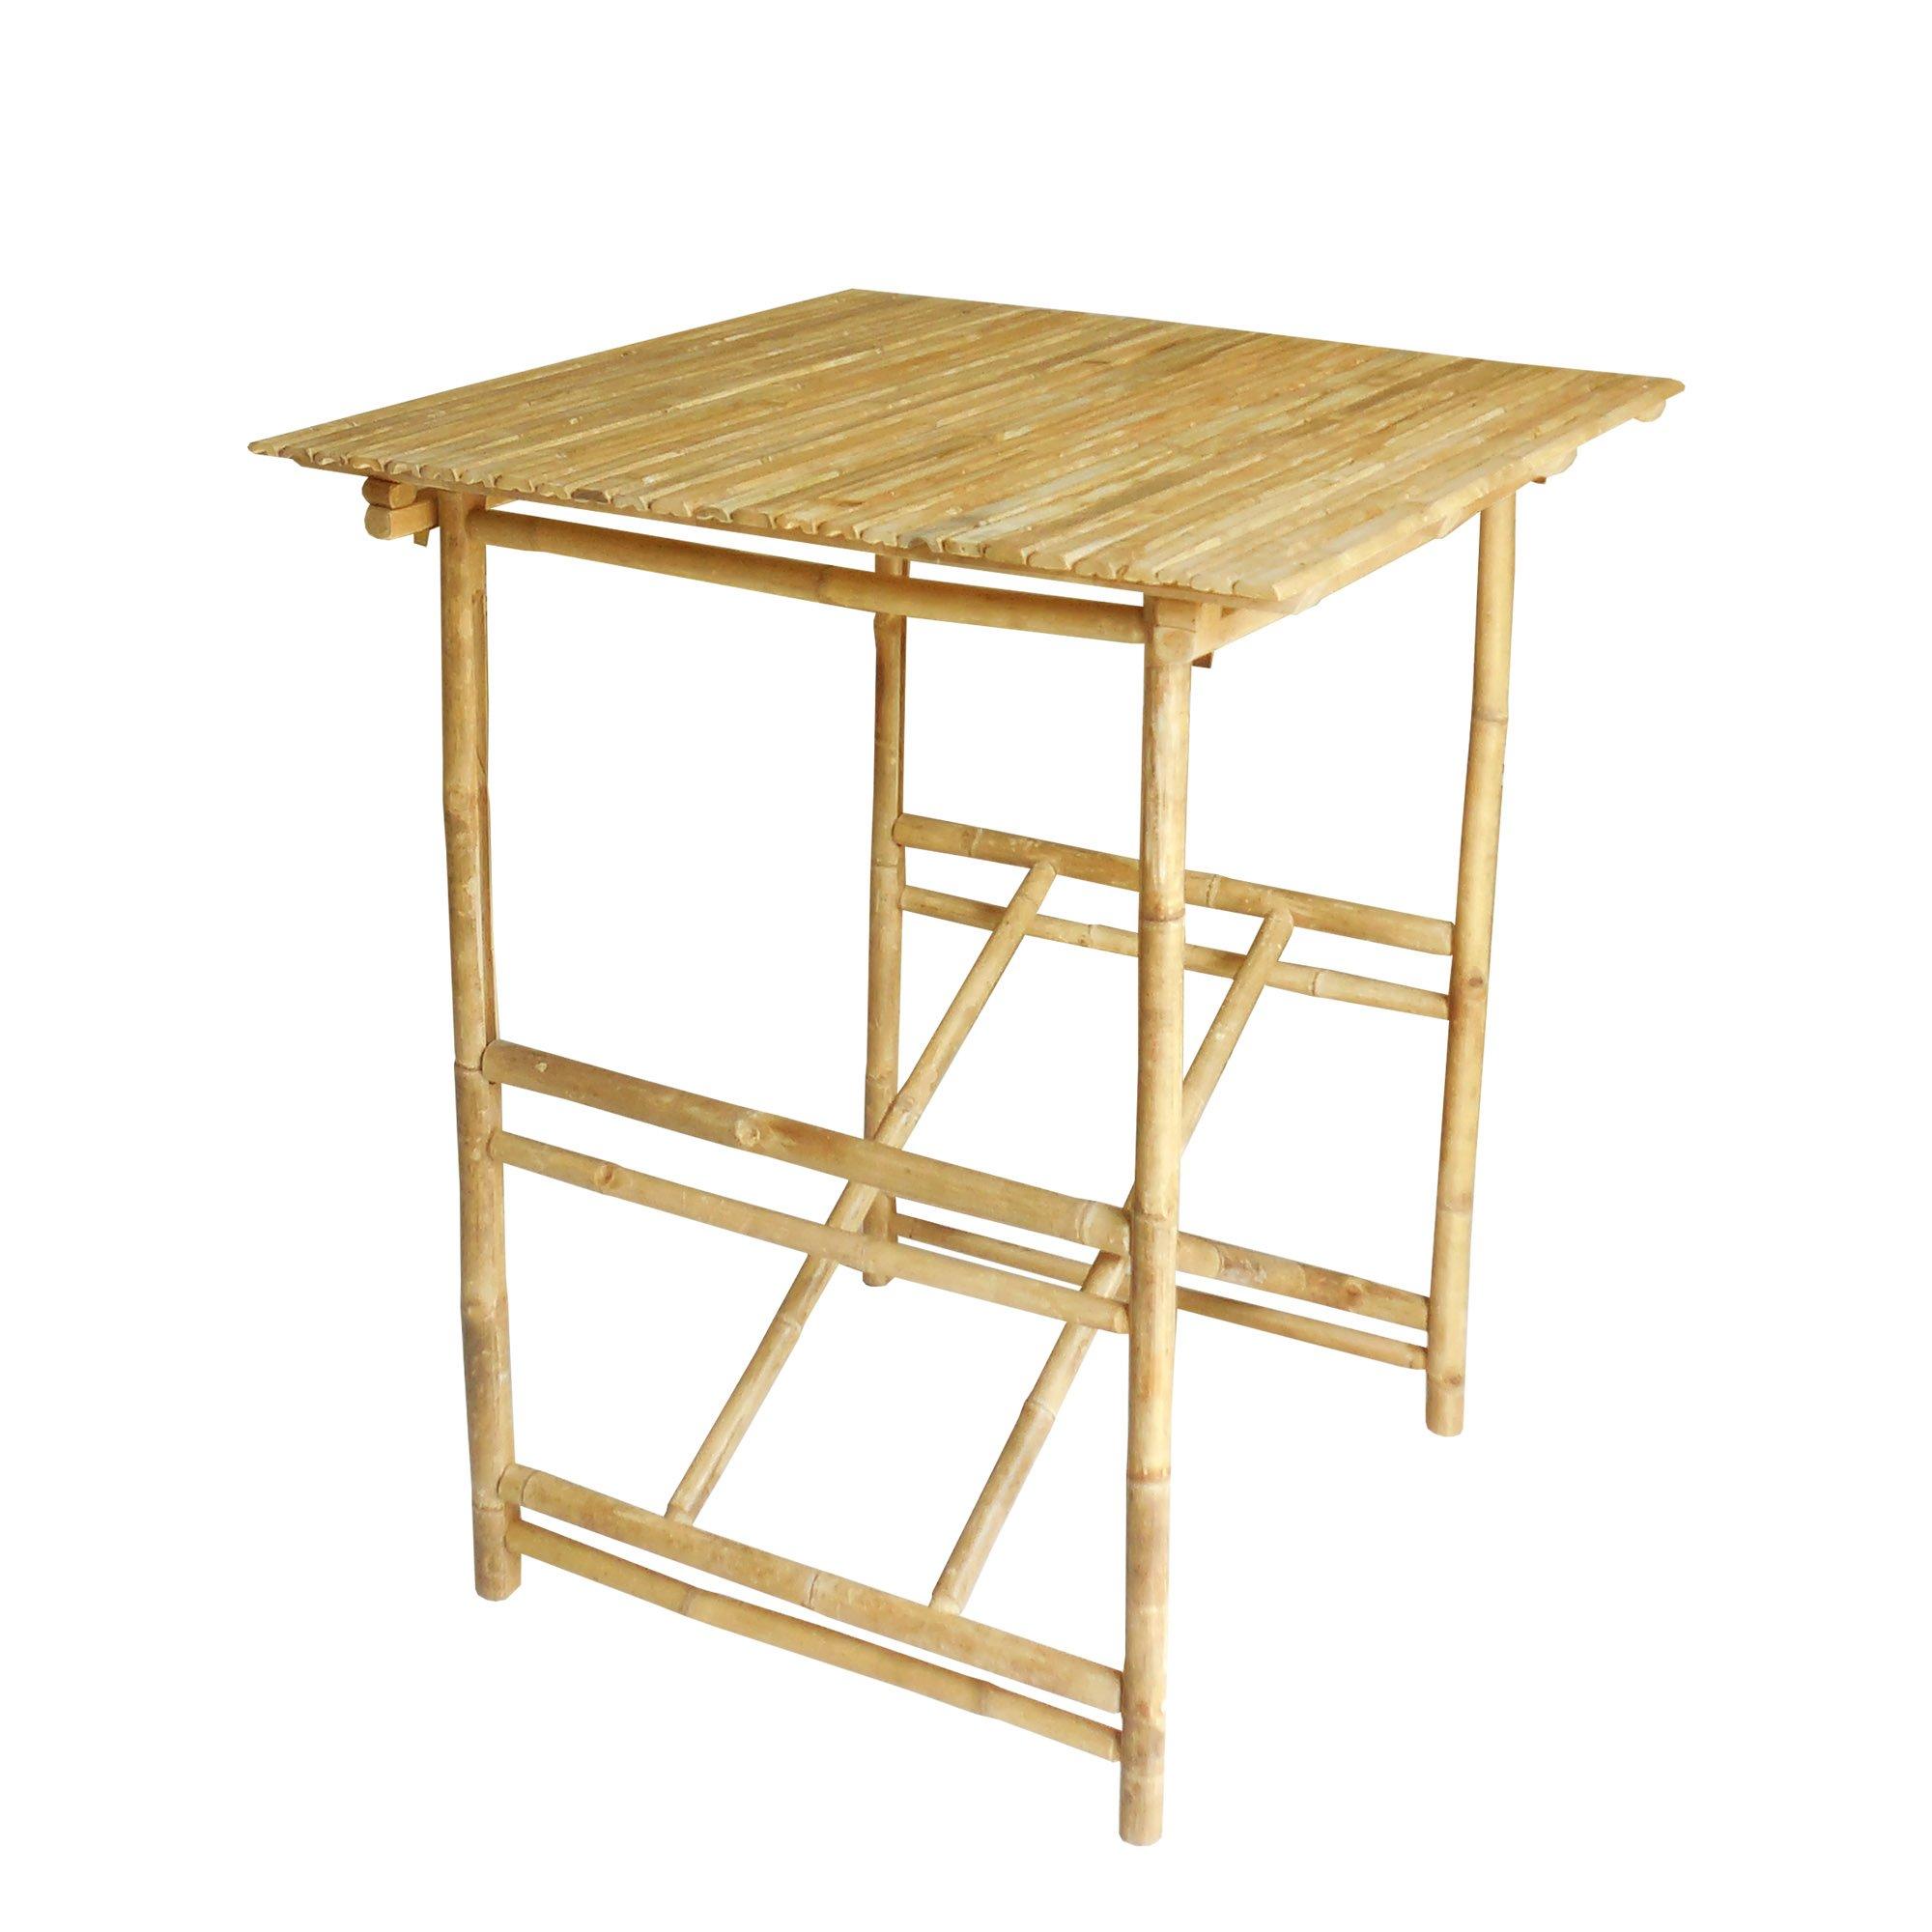 Zero Emission World Ta-264 Bamboo Kd Bar Table, Natural, 35.4X35.4X41.3